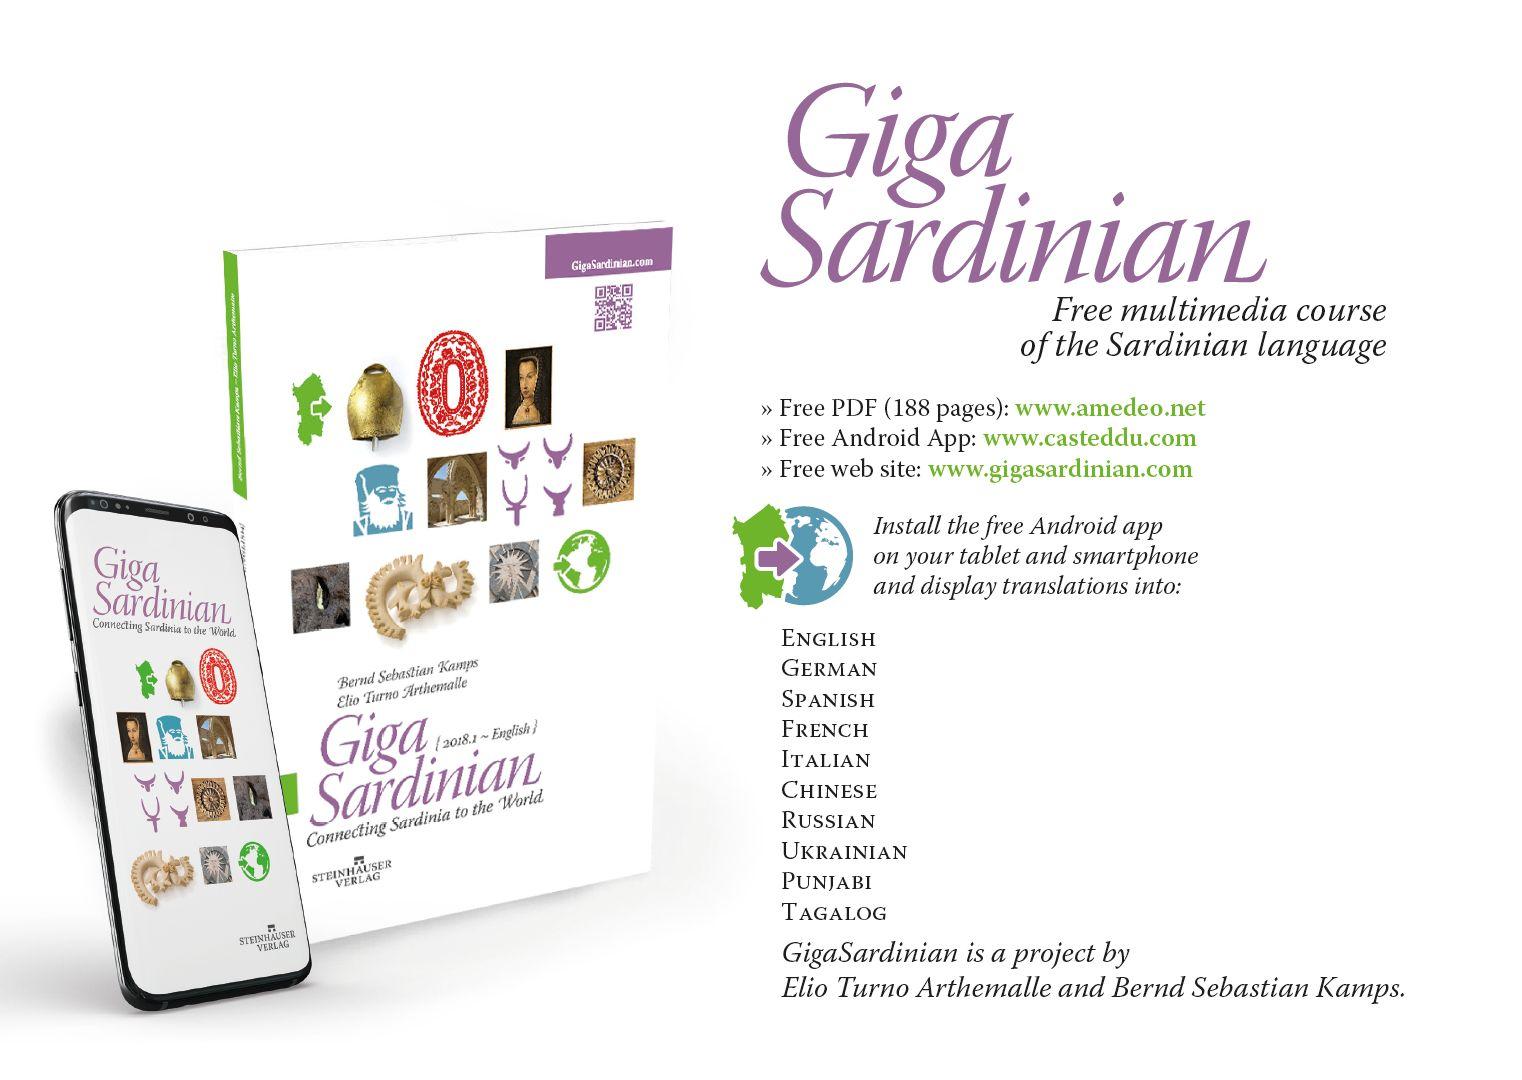 GigaSardinian – A Multimedia Language Course